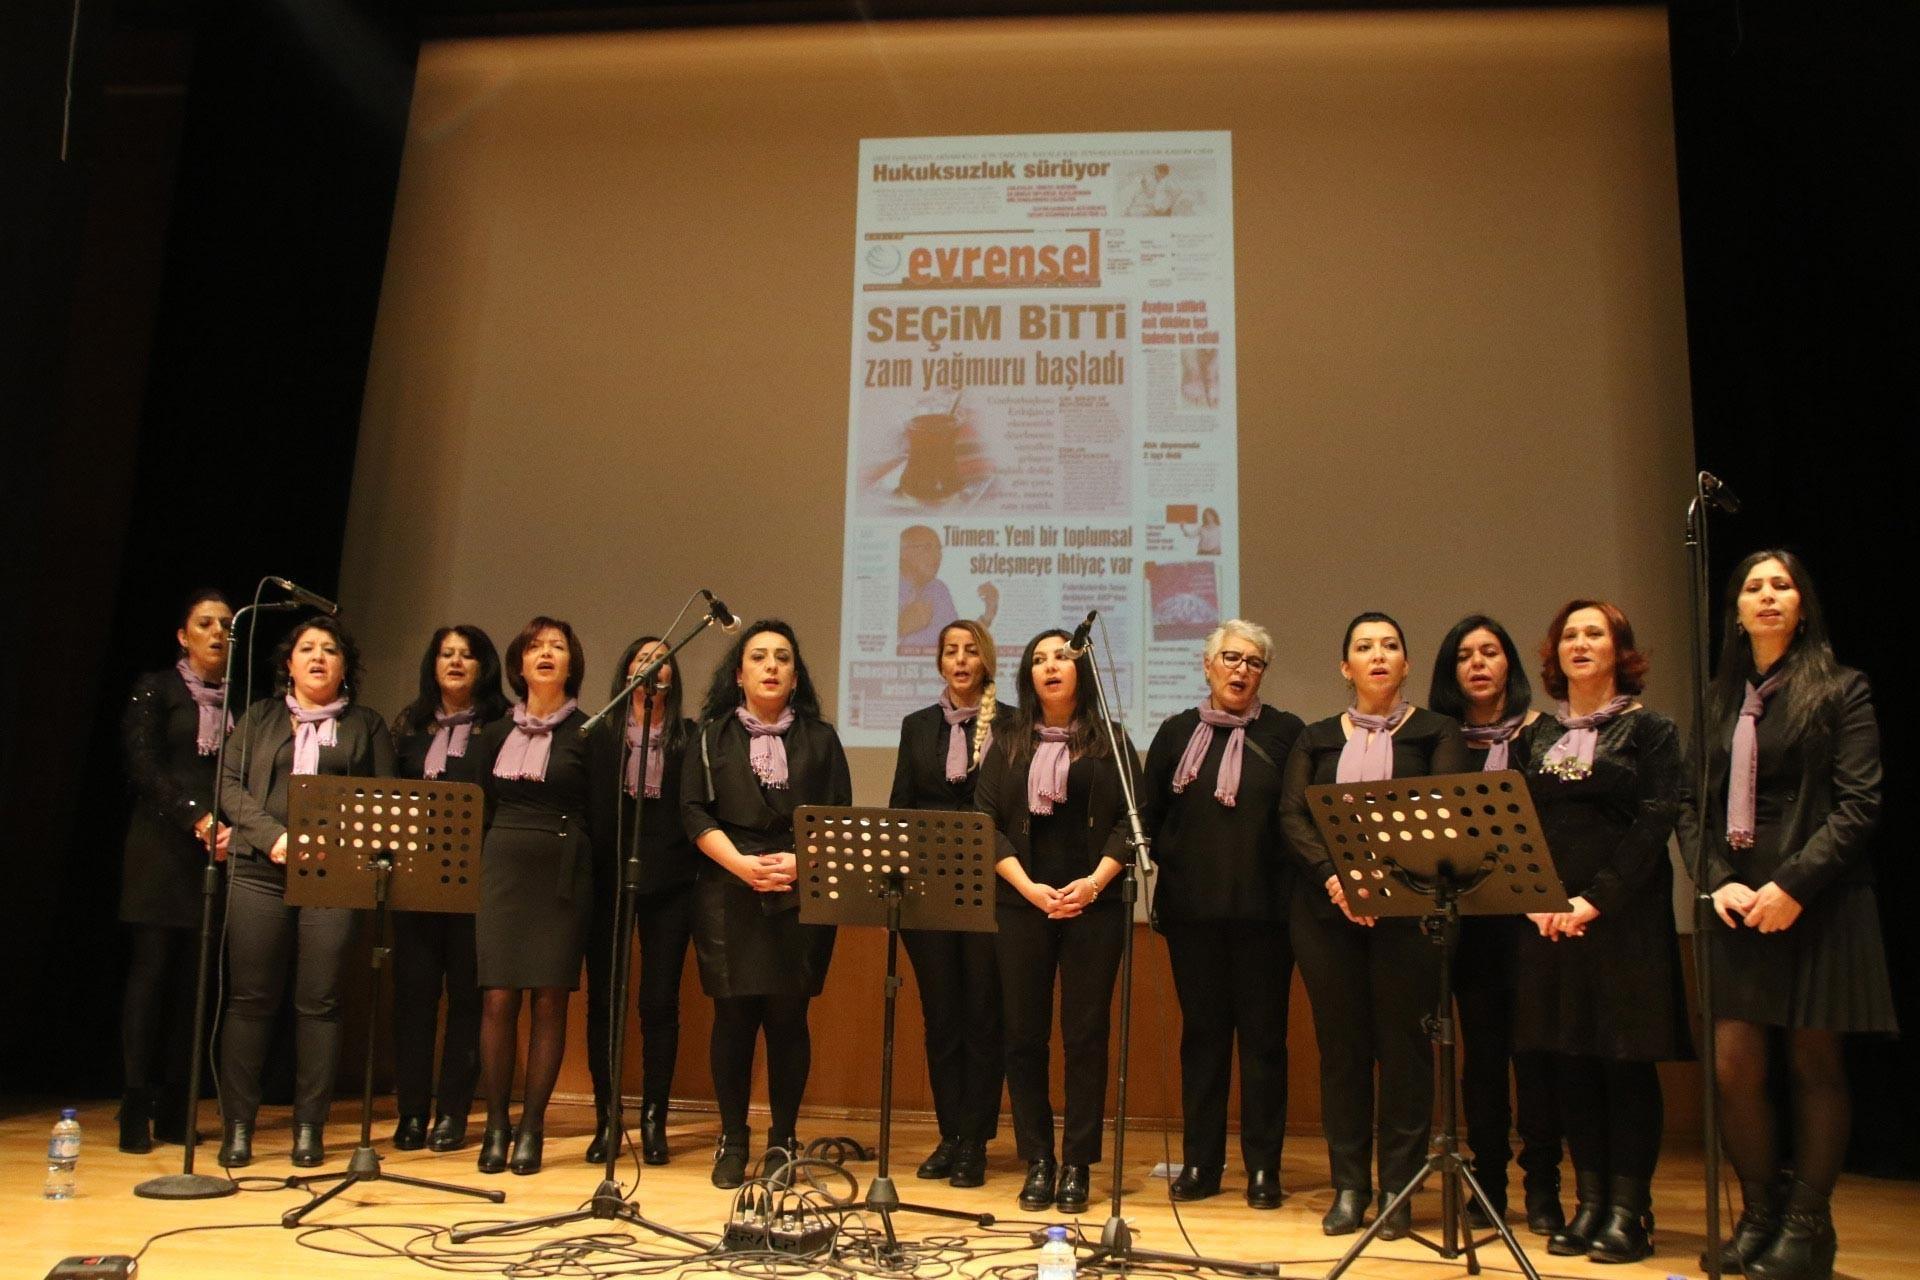 Emek Kadın Korosu, Ankara'da düzenlenen Evrensel ile dayanışma etkinliğinde sahne alırken